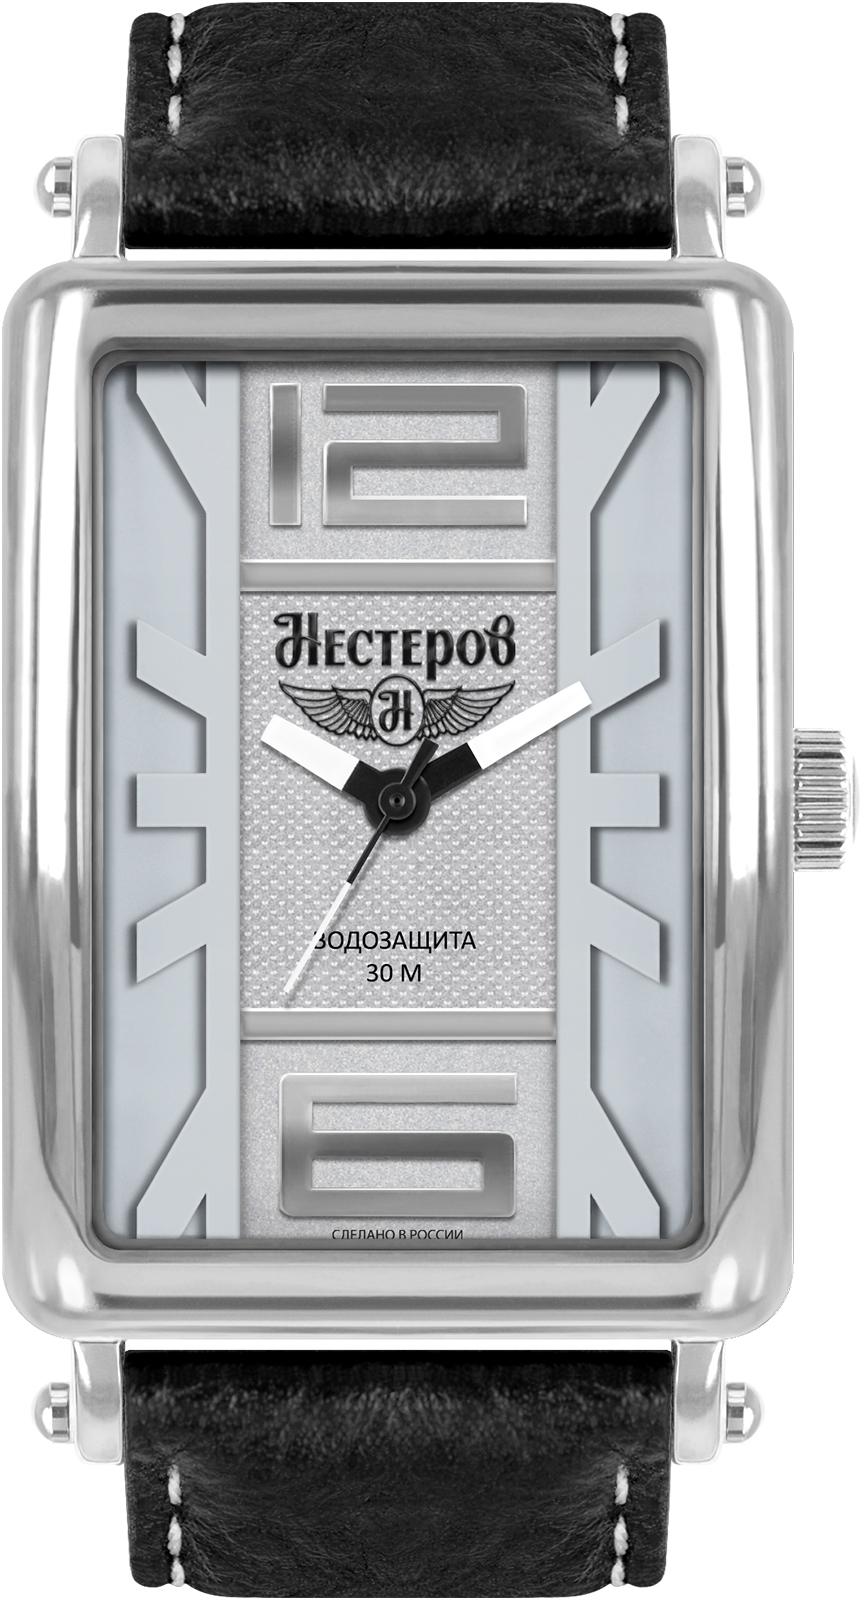 купить Наручные часы Нестеров H0264B02-05G по цене 5993 рублей